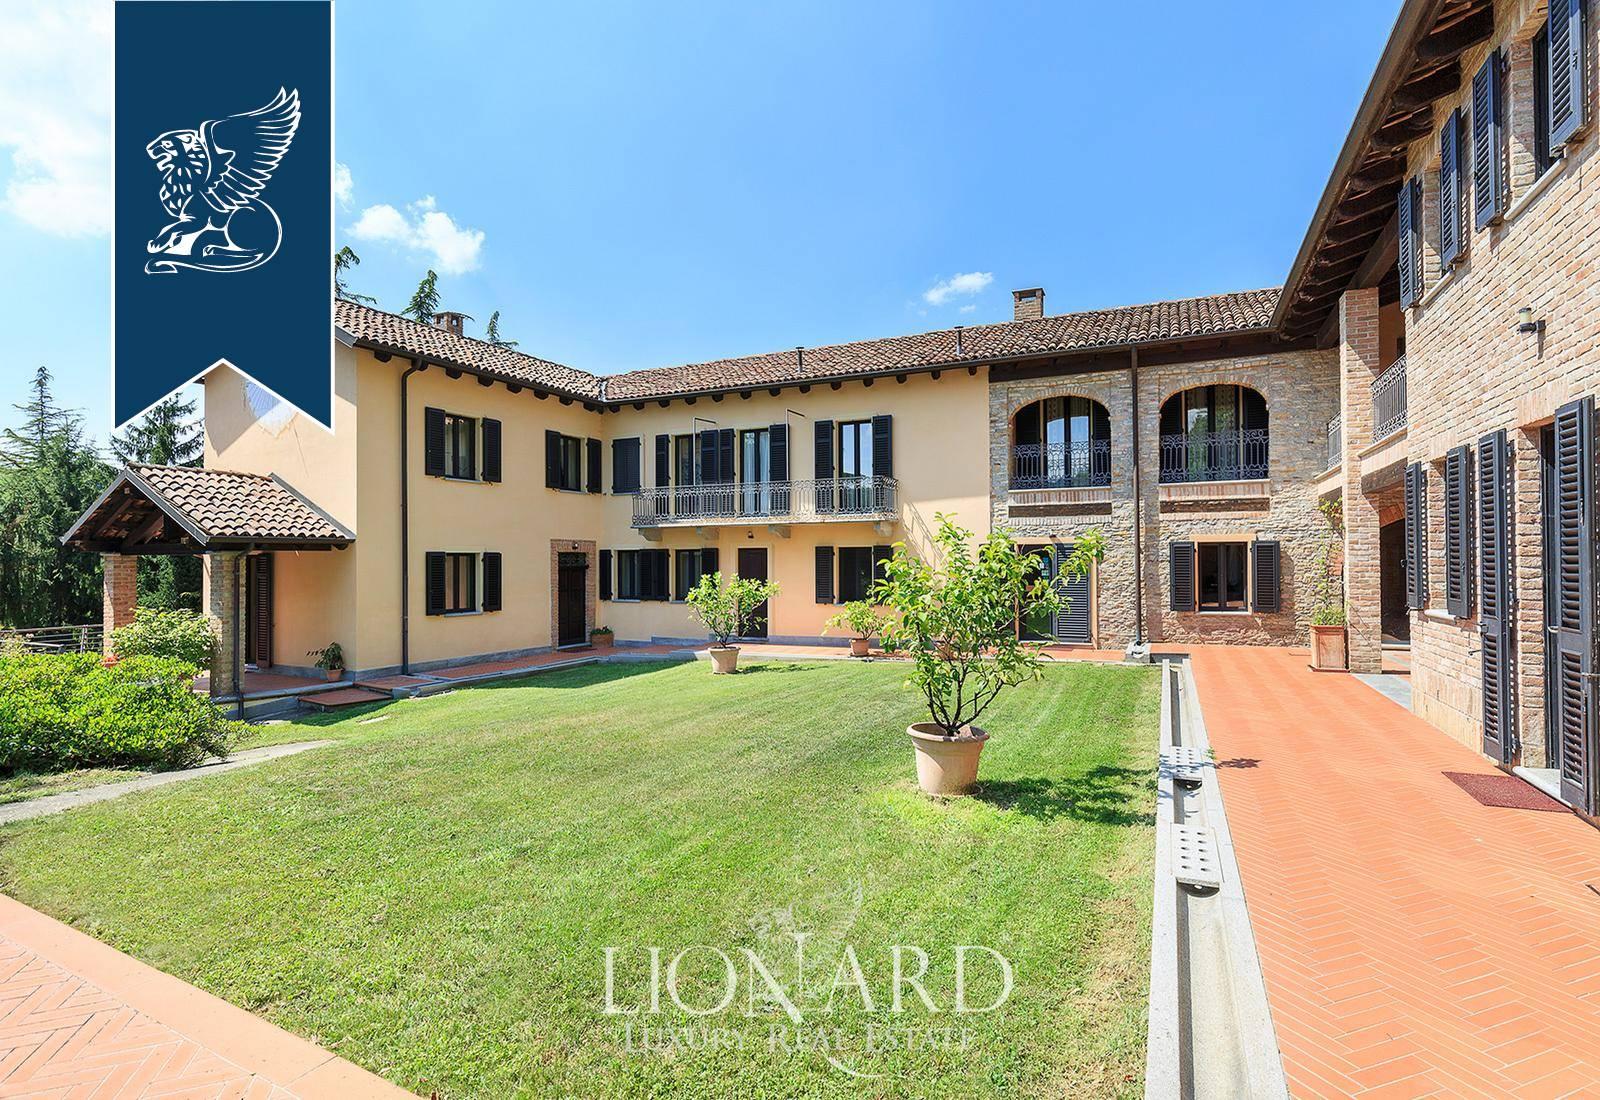 Azienda in Vendita a Calamandrana: 0 locali, 2500 mq - Foto 6